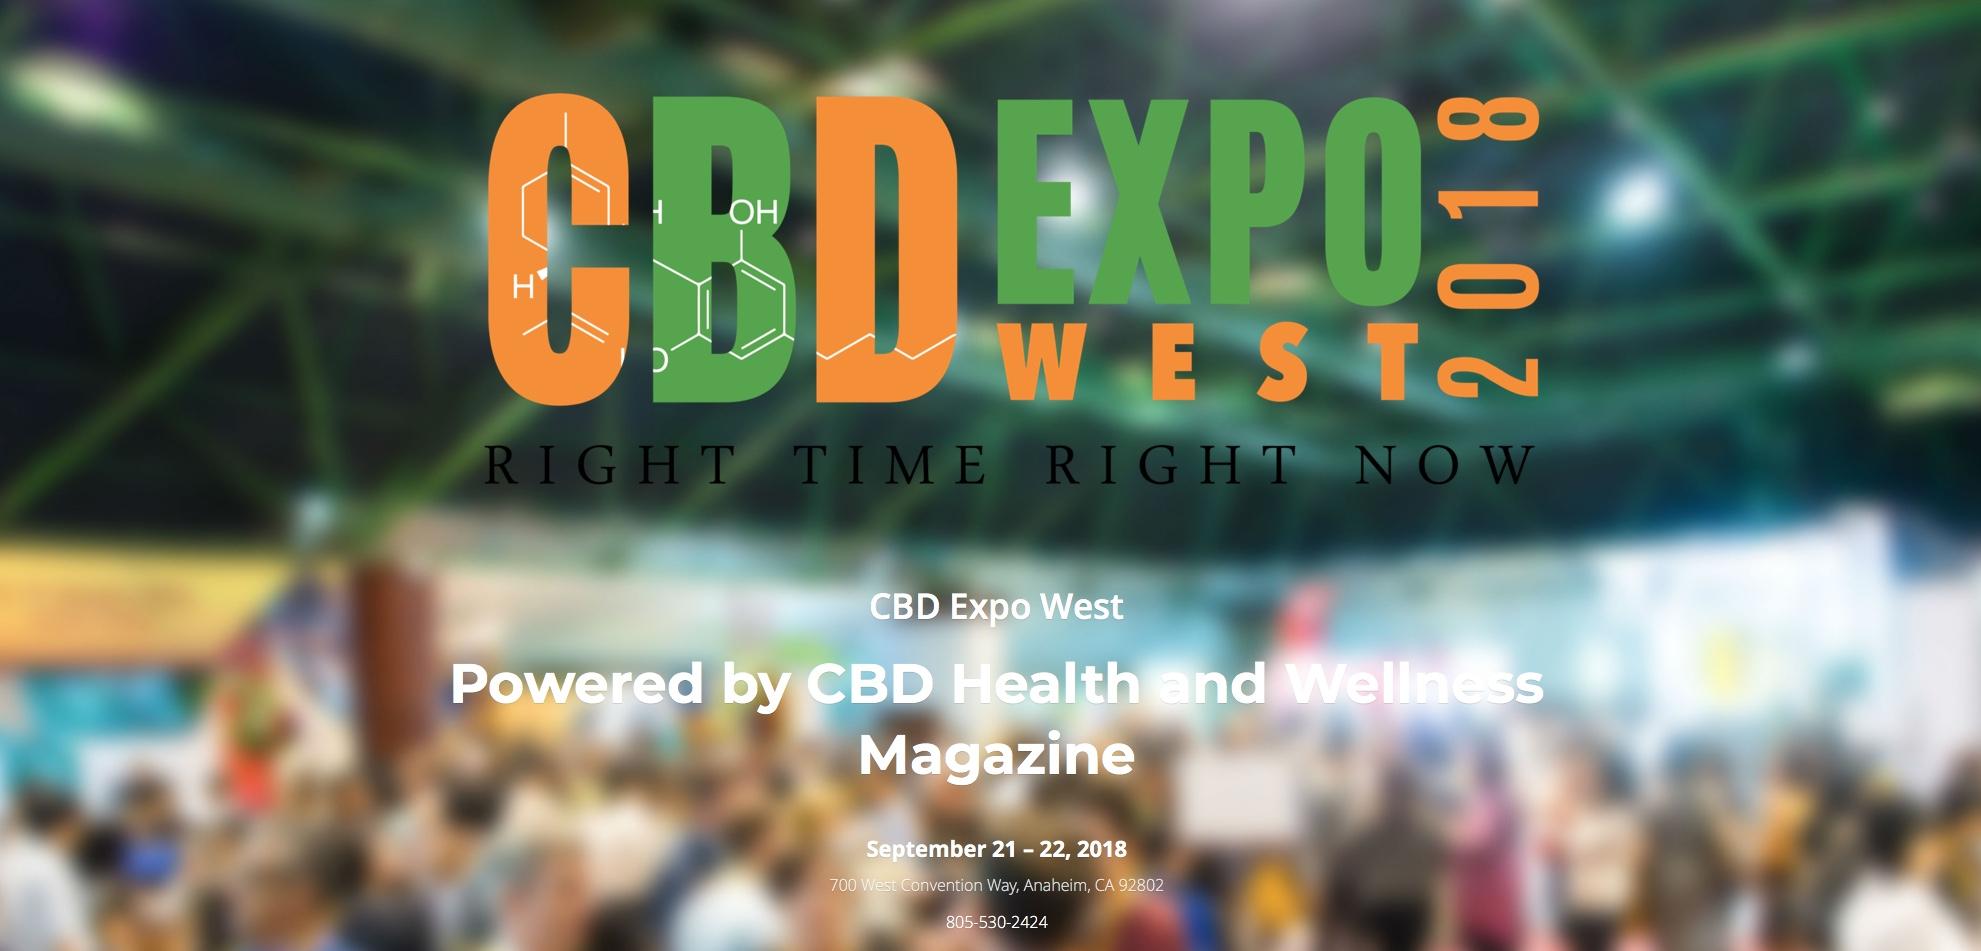 CBD Expo West 2018